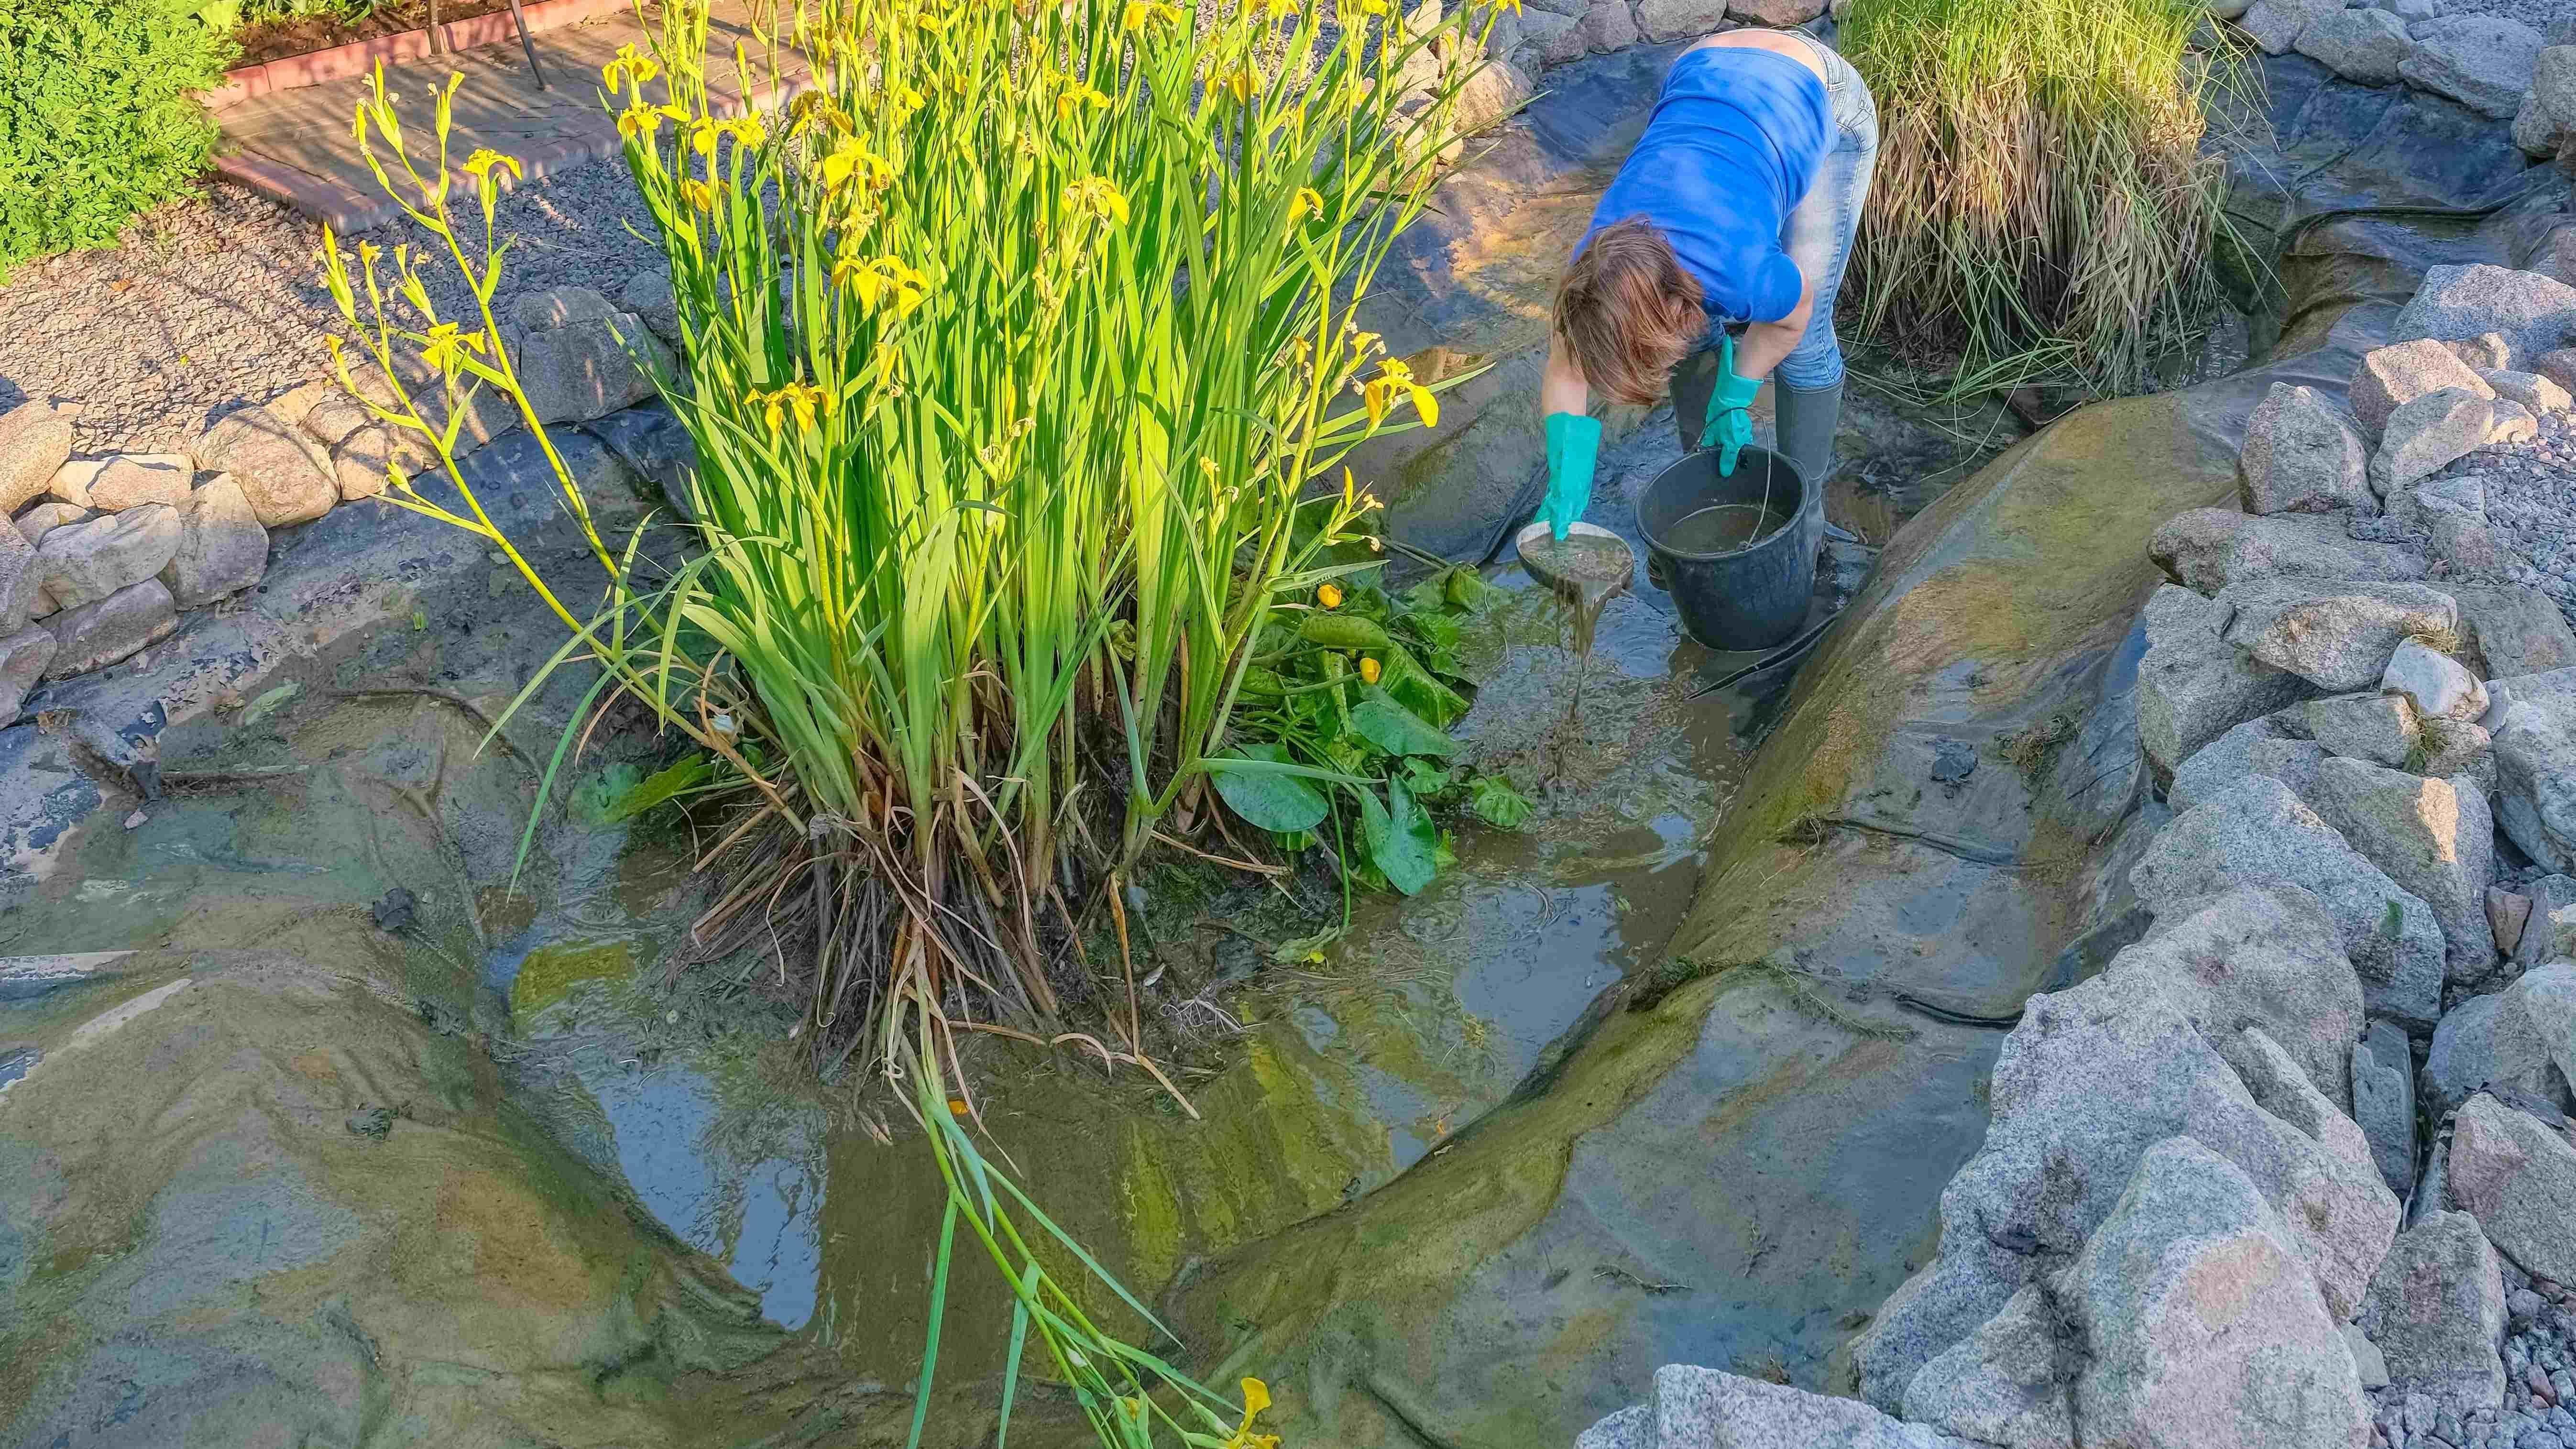 Entretien d'un bassin de jardin : les réflexes à adopter